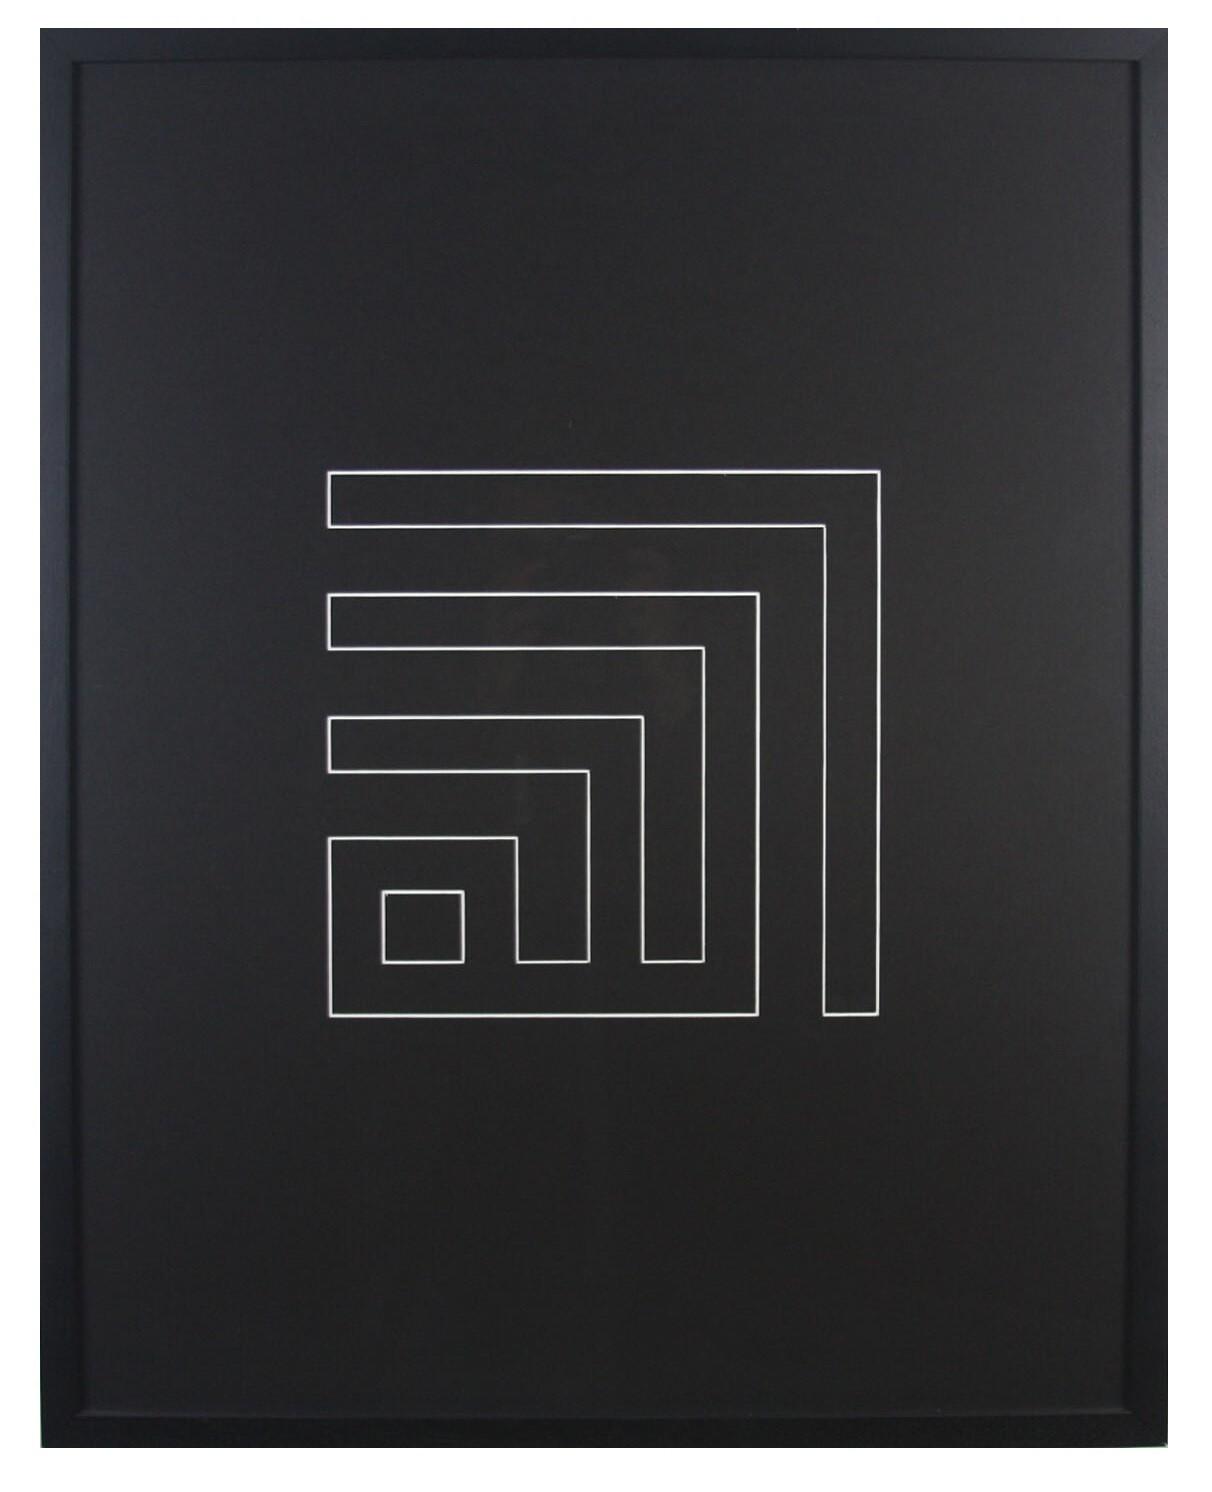 Allah Kufic Calligraphy V-Groove Design in Black Matte Grain Finish Frame